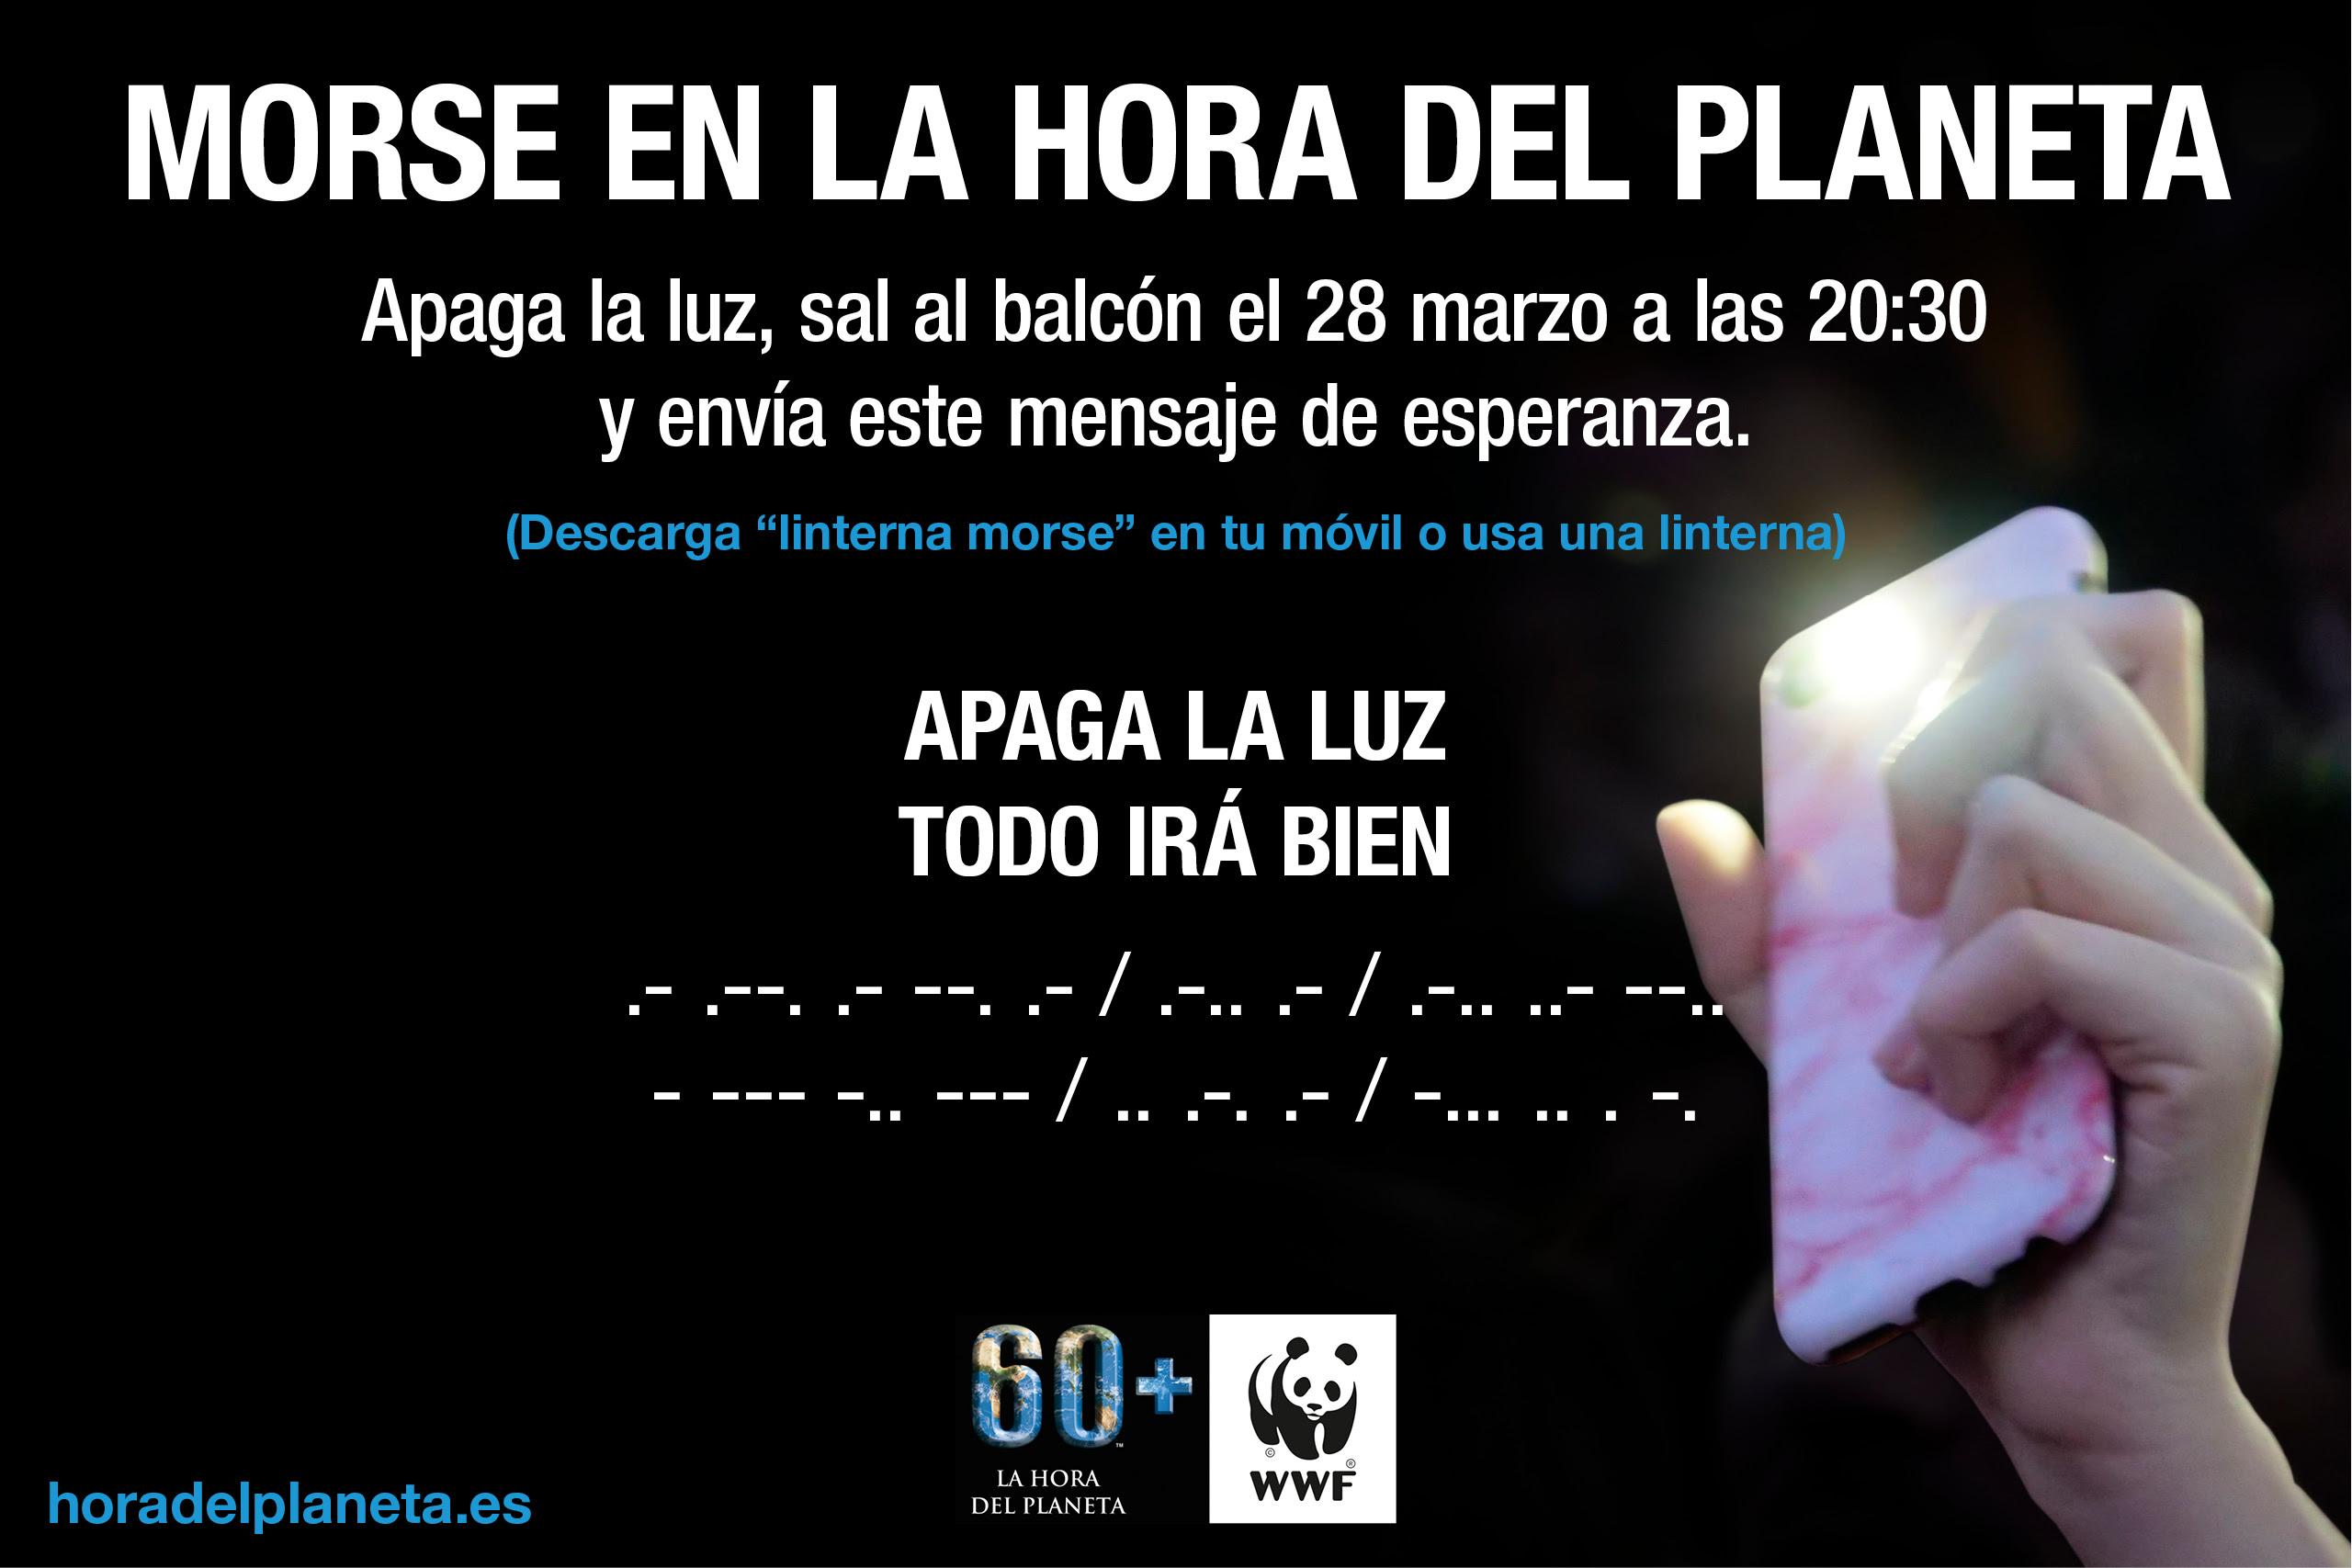 """La Hora del Planeta 2020, con el mensaje en morse:  """"Apaga la luz. Todo irá bien"""". Imagen: WWF"""